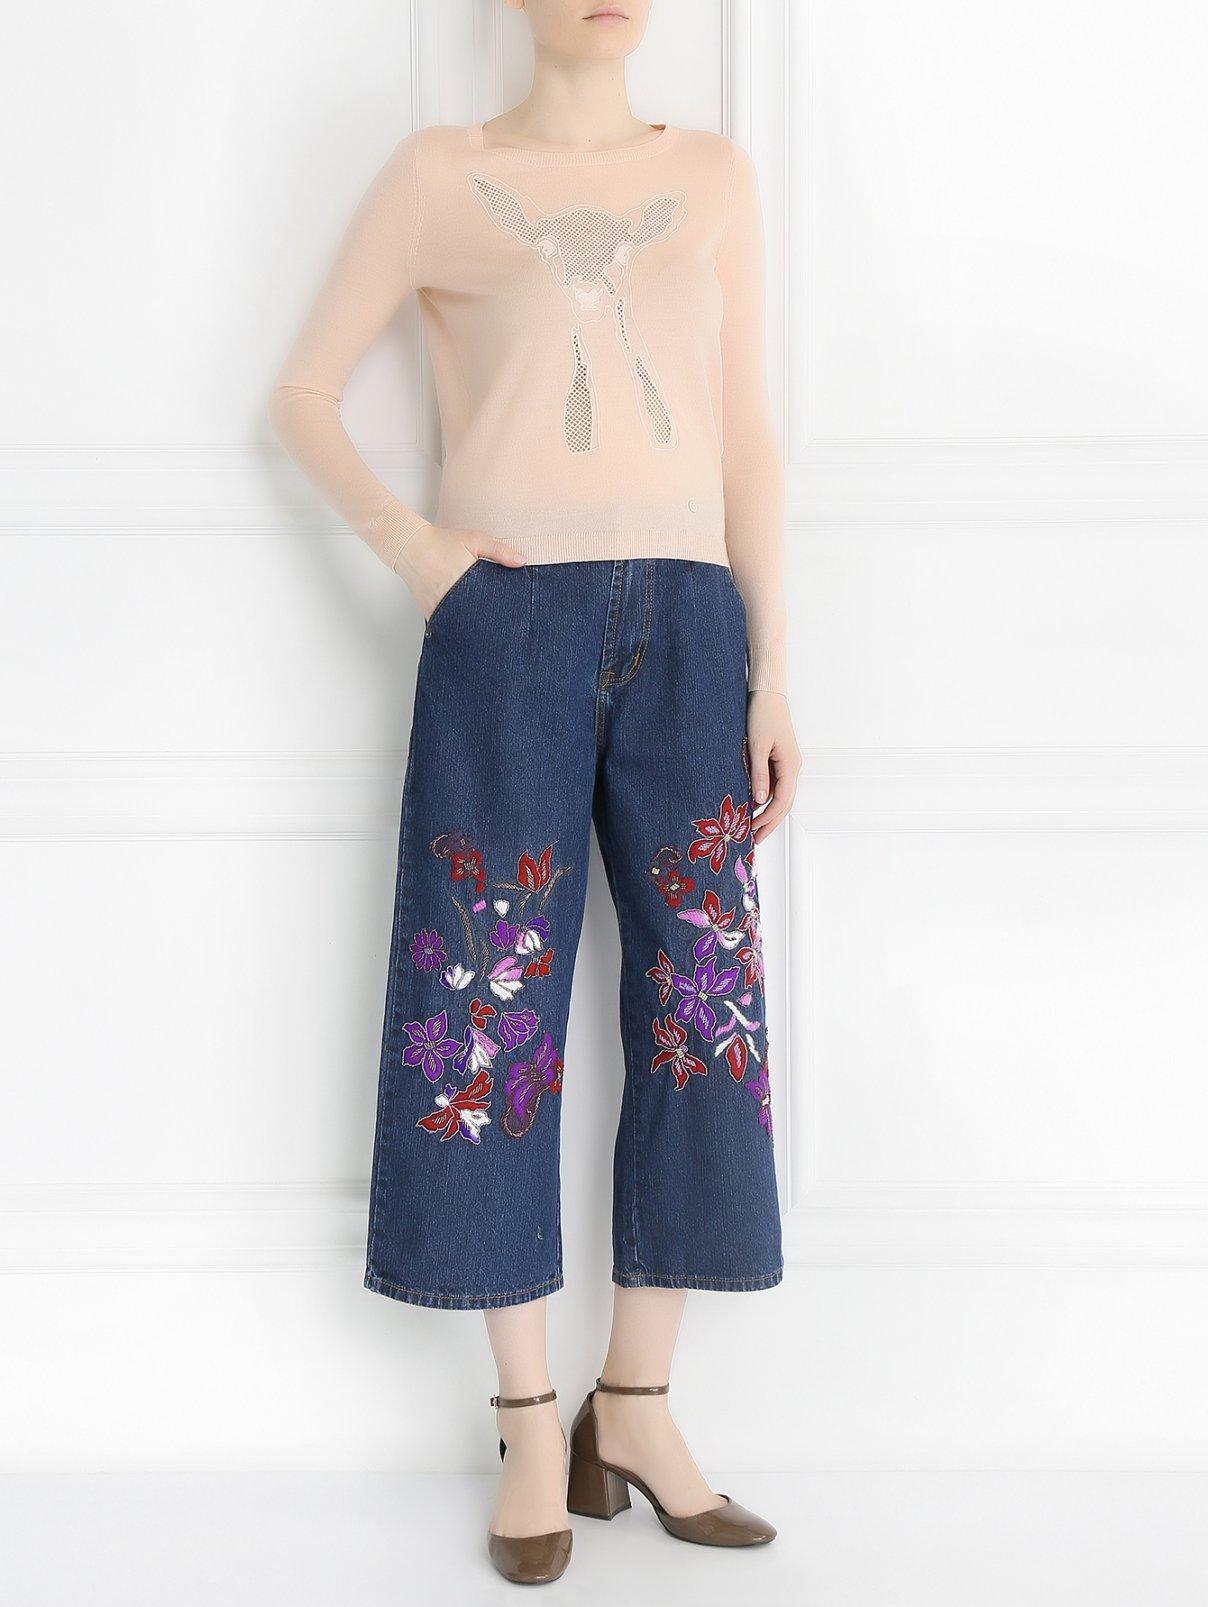 Джинсы прямого кроя с вышивкой Mad Almadal  –  Модель Общий вид  – Цвет:  Синий